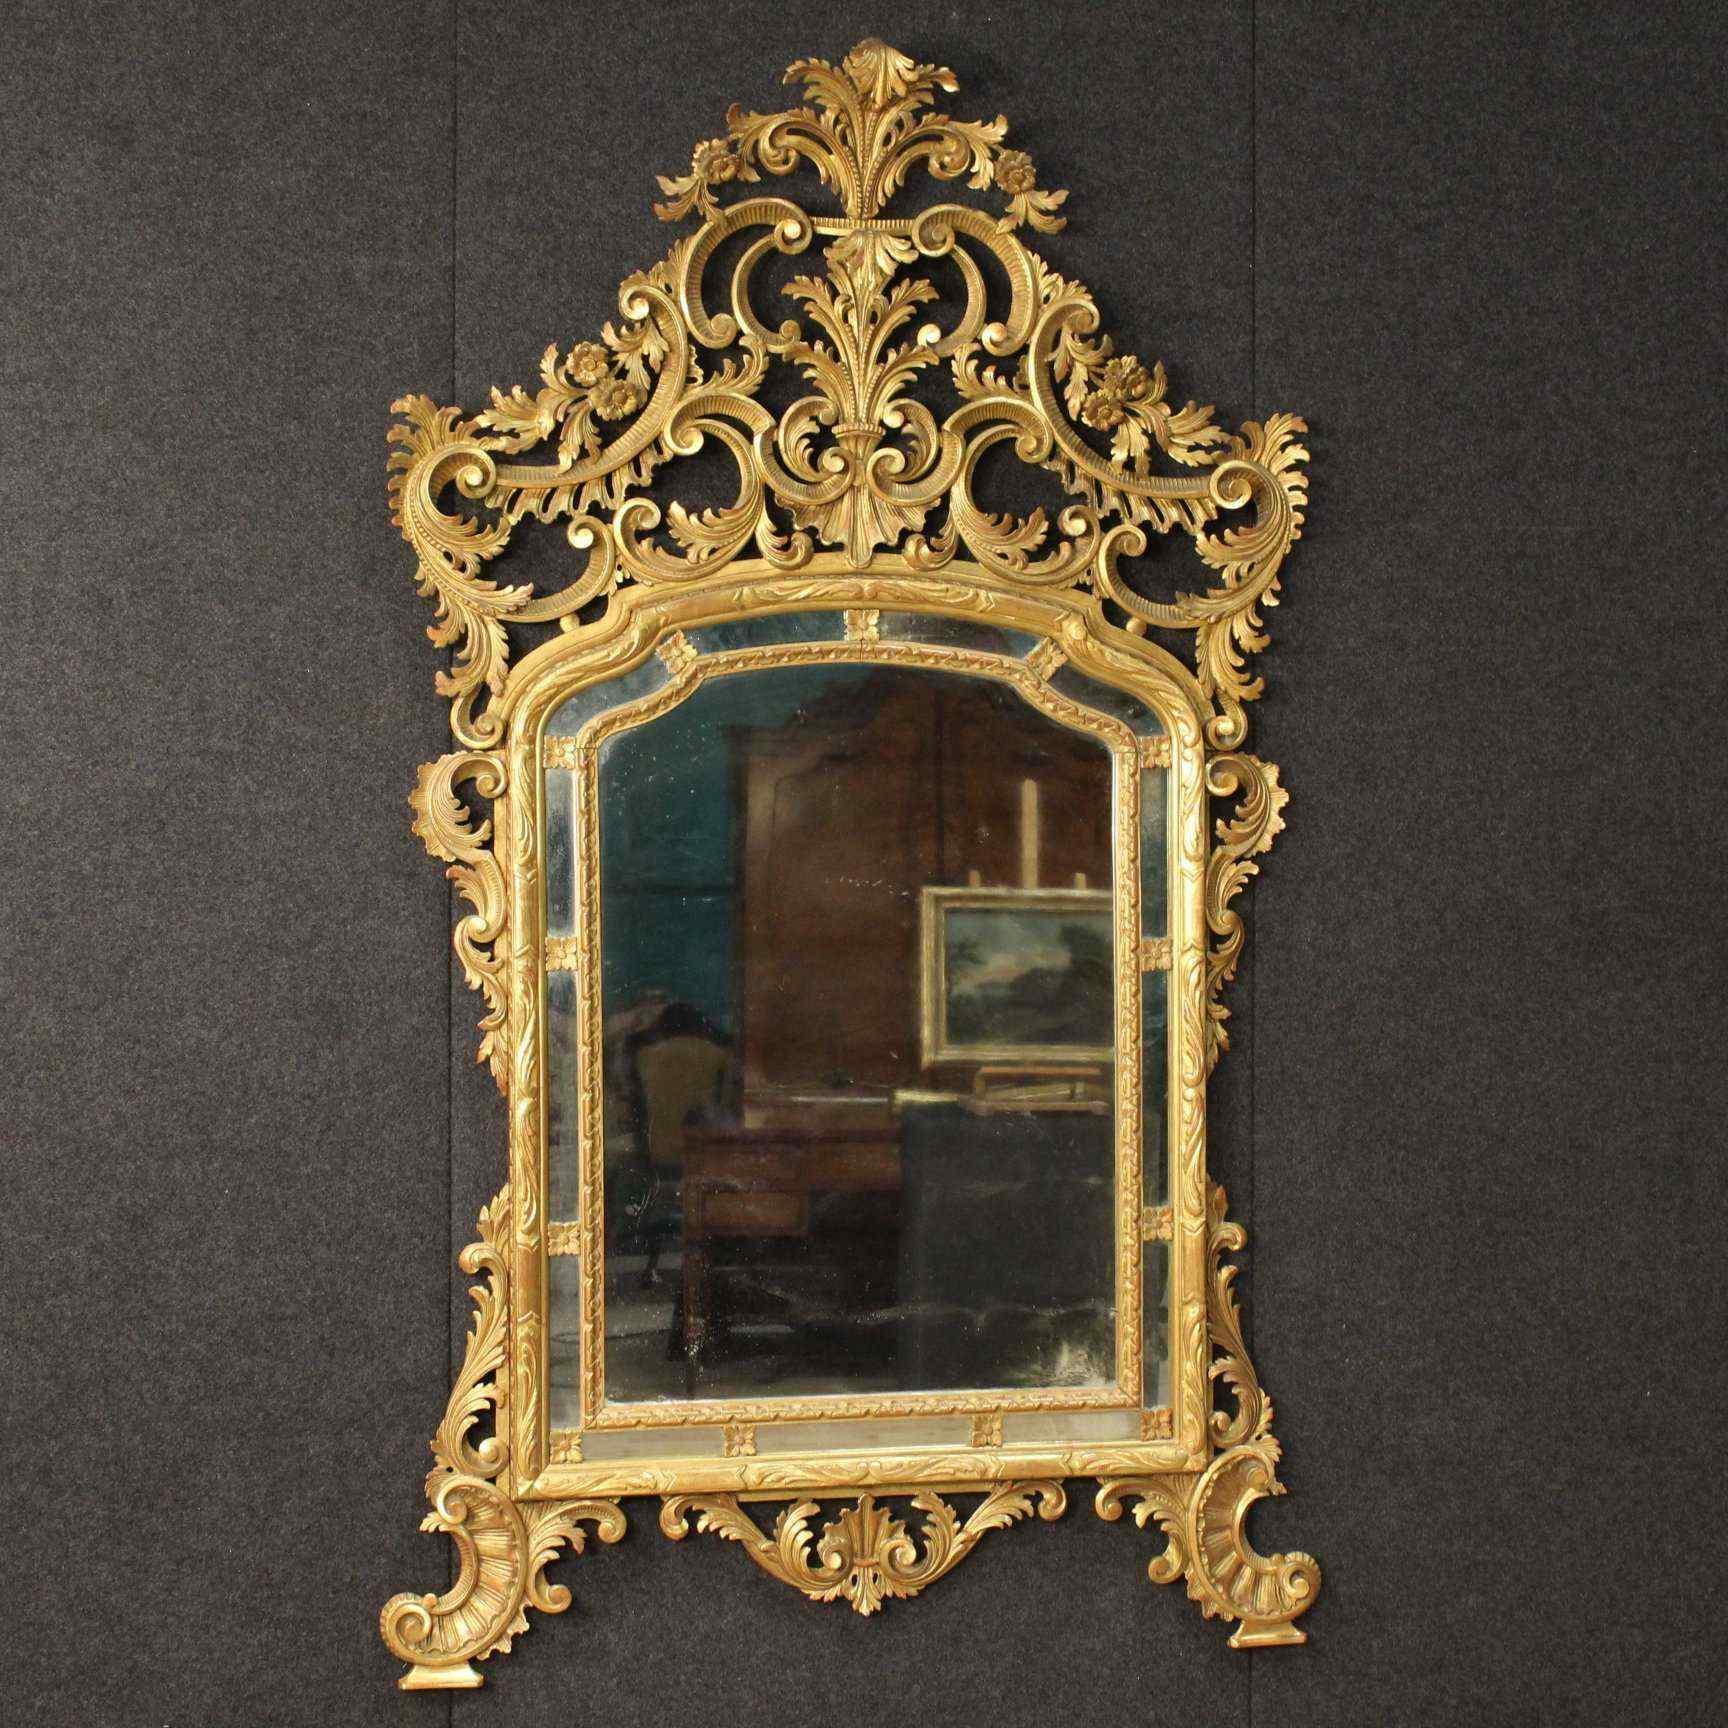 Specchiera italiana dorata in stile Luigi XV